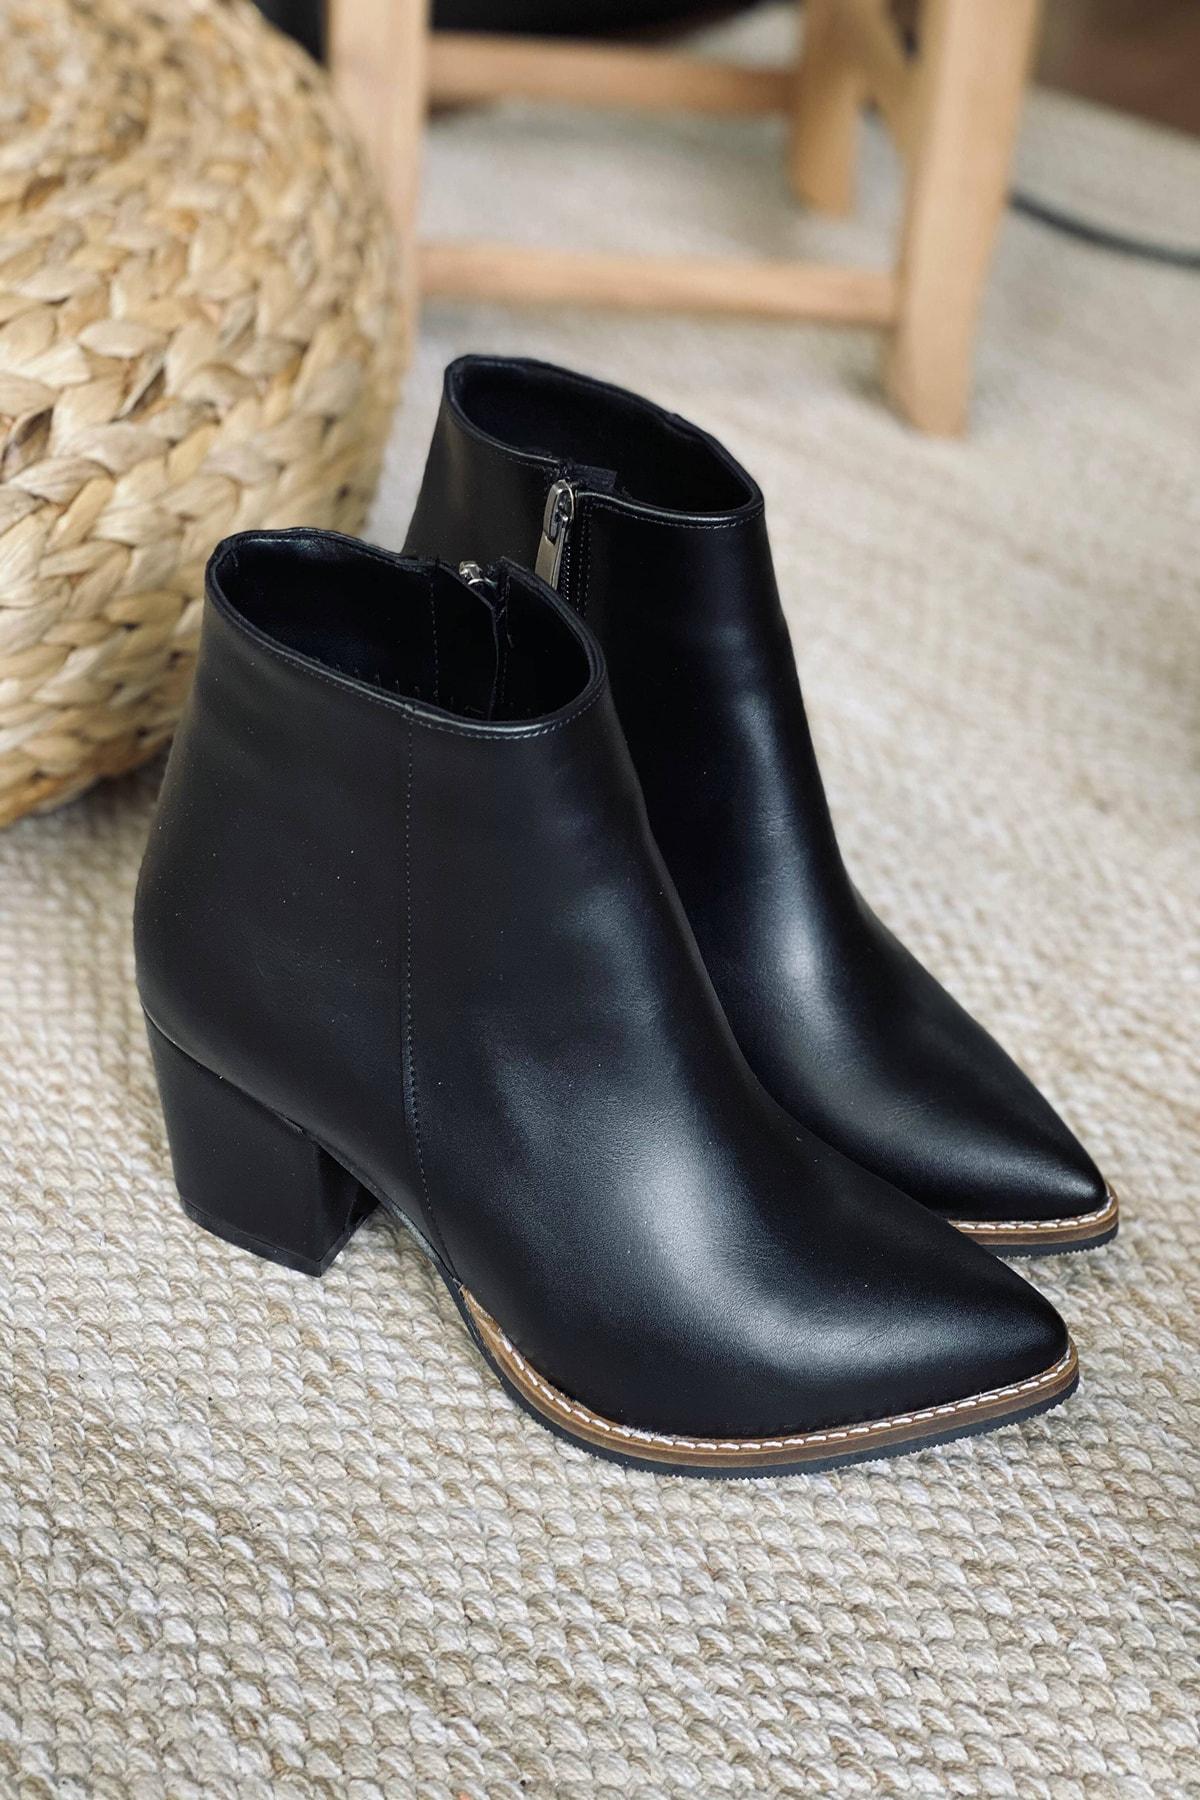 Mida Shoes Kadın Siyah Cilt Sivri Burun Yarım Çizme 2